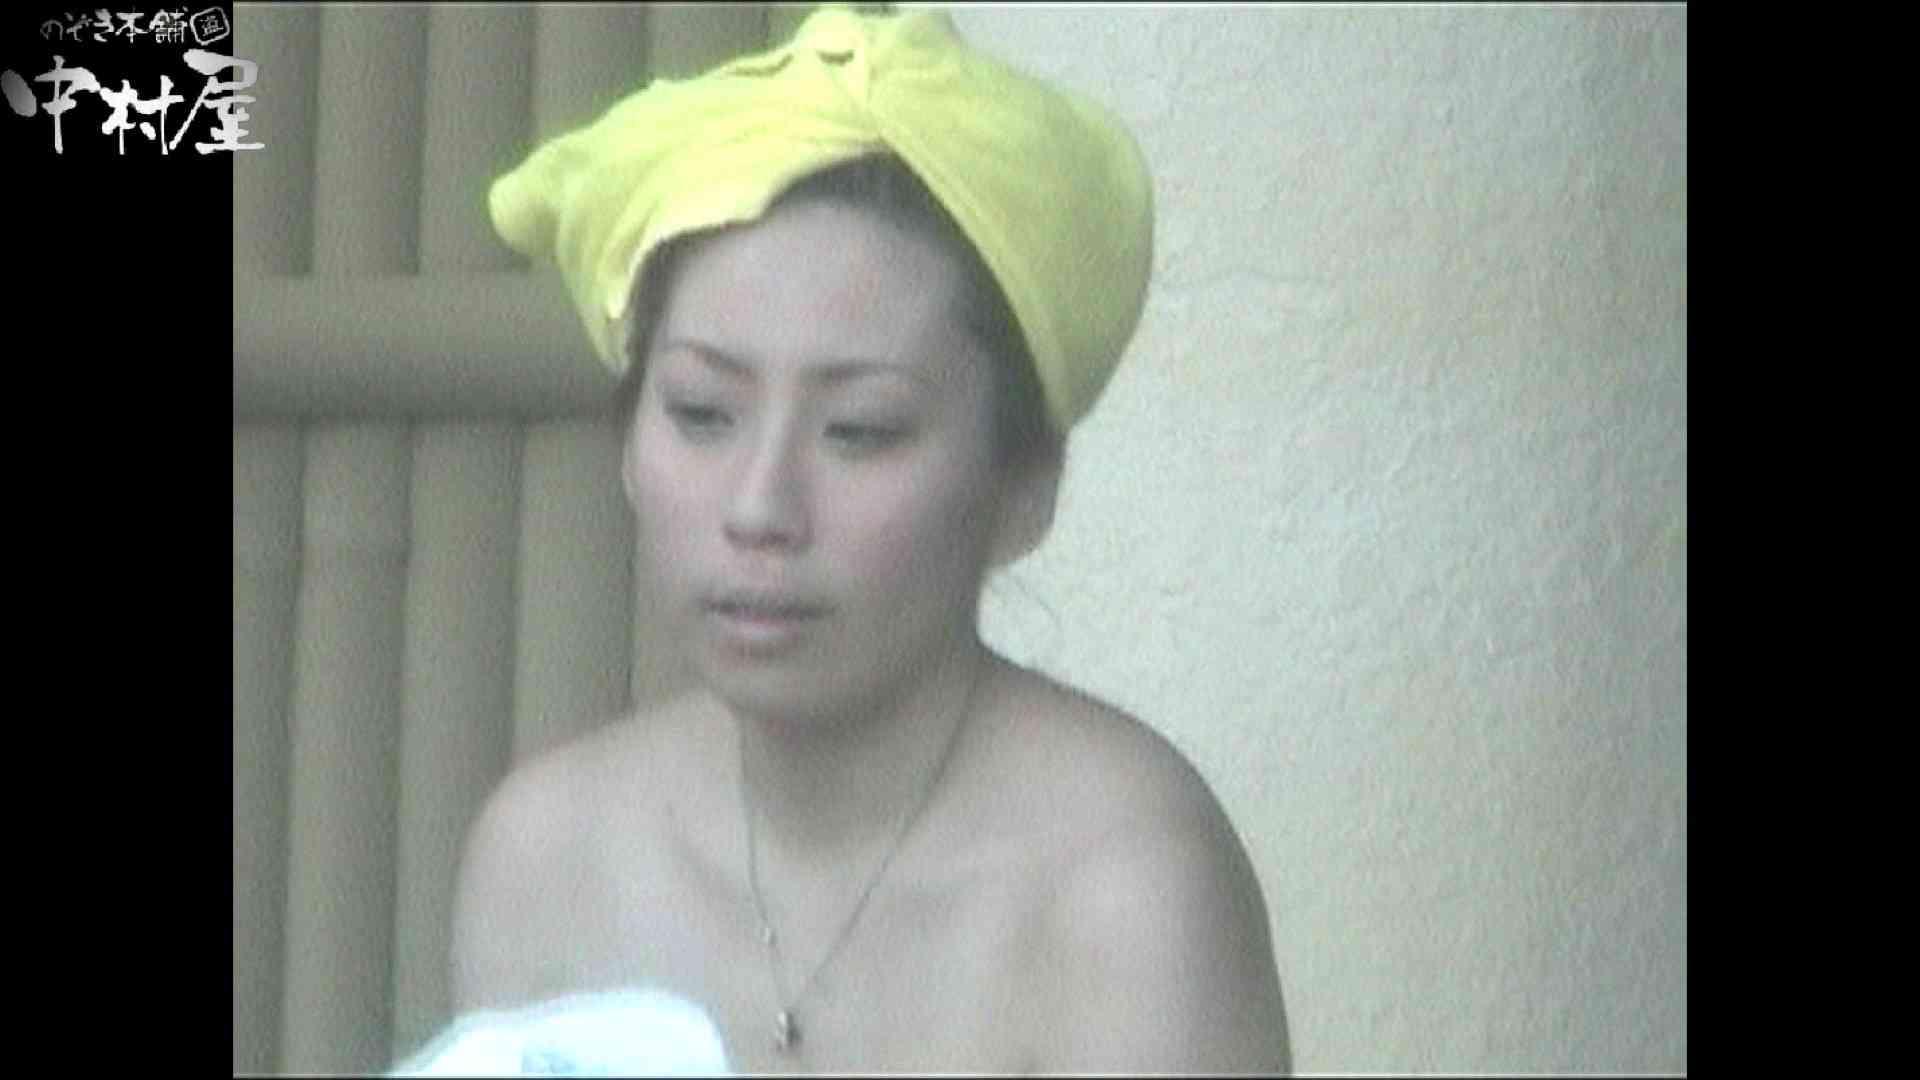 Aquaな露天風呂Vol.902 美しいOLの裸体 盗撮動画紹介 104pic 41